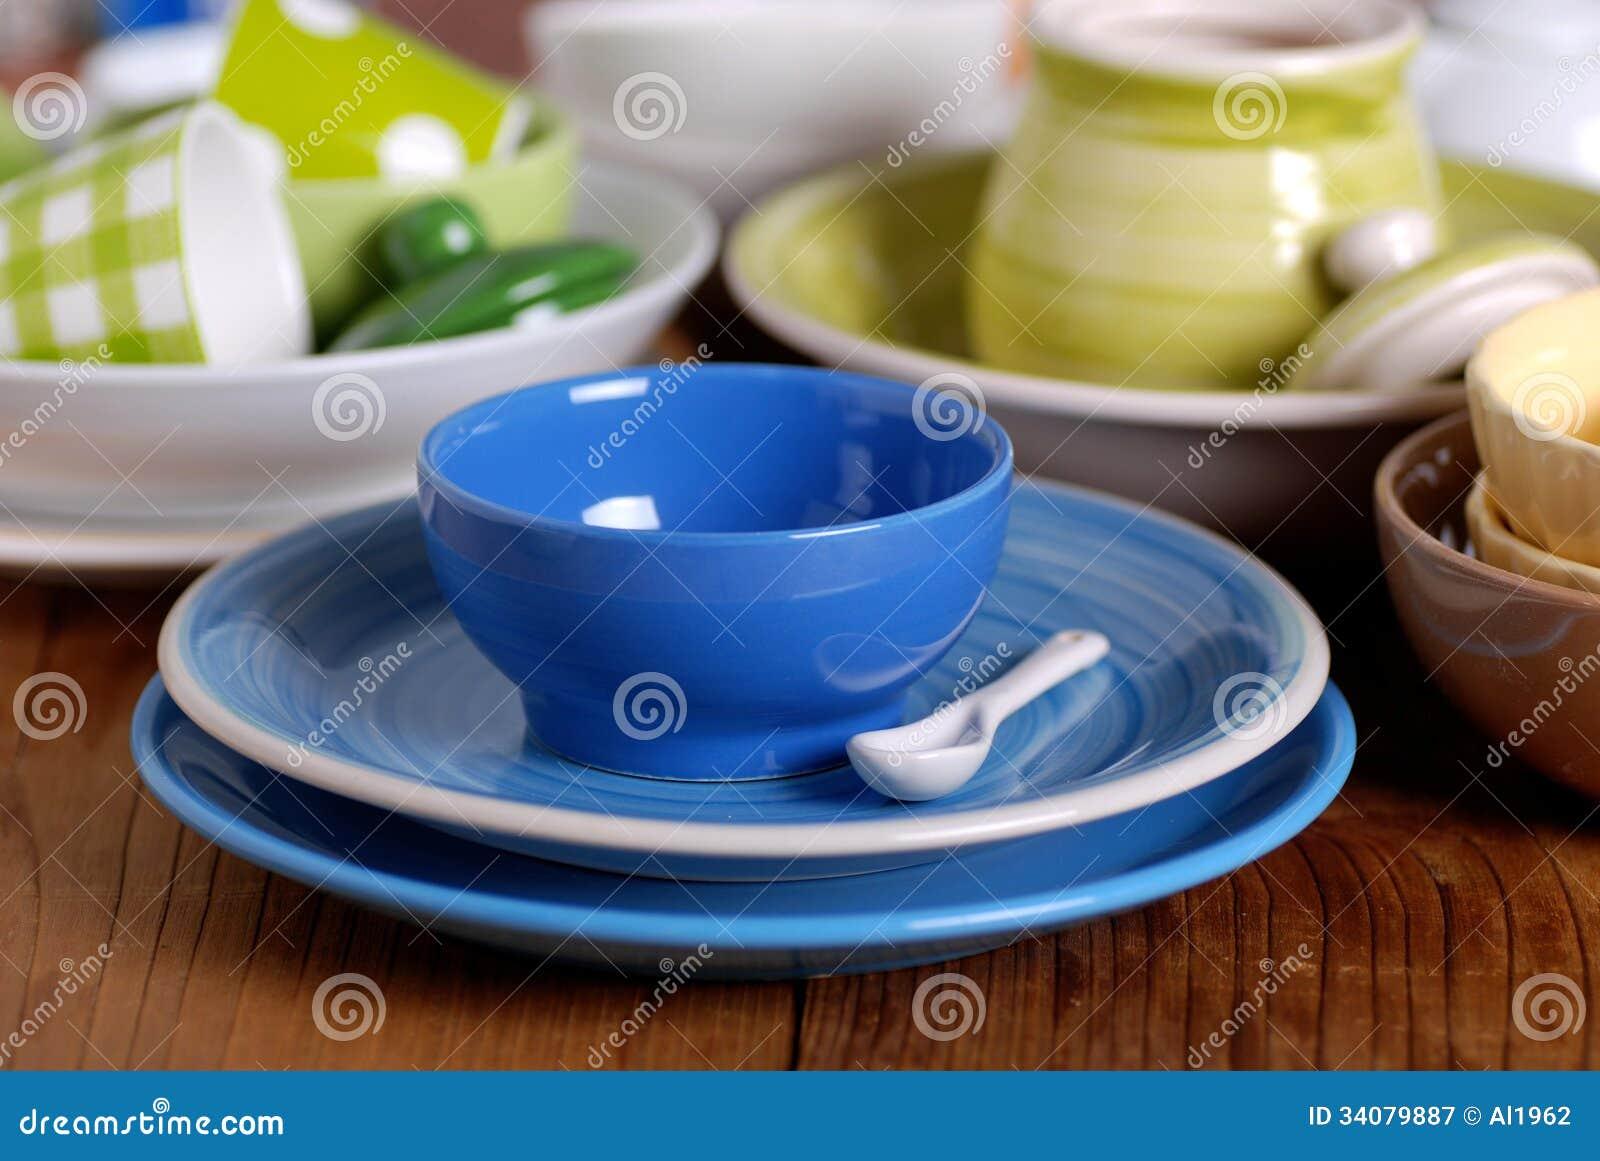 Utensilios de cer mica coloridos de la cocina fotograf a for Utensilios de cocina de ceramica